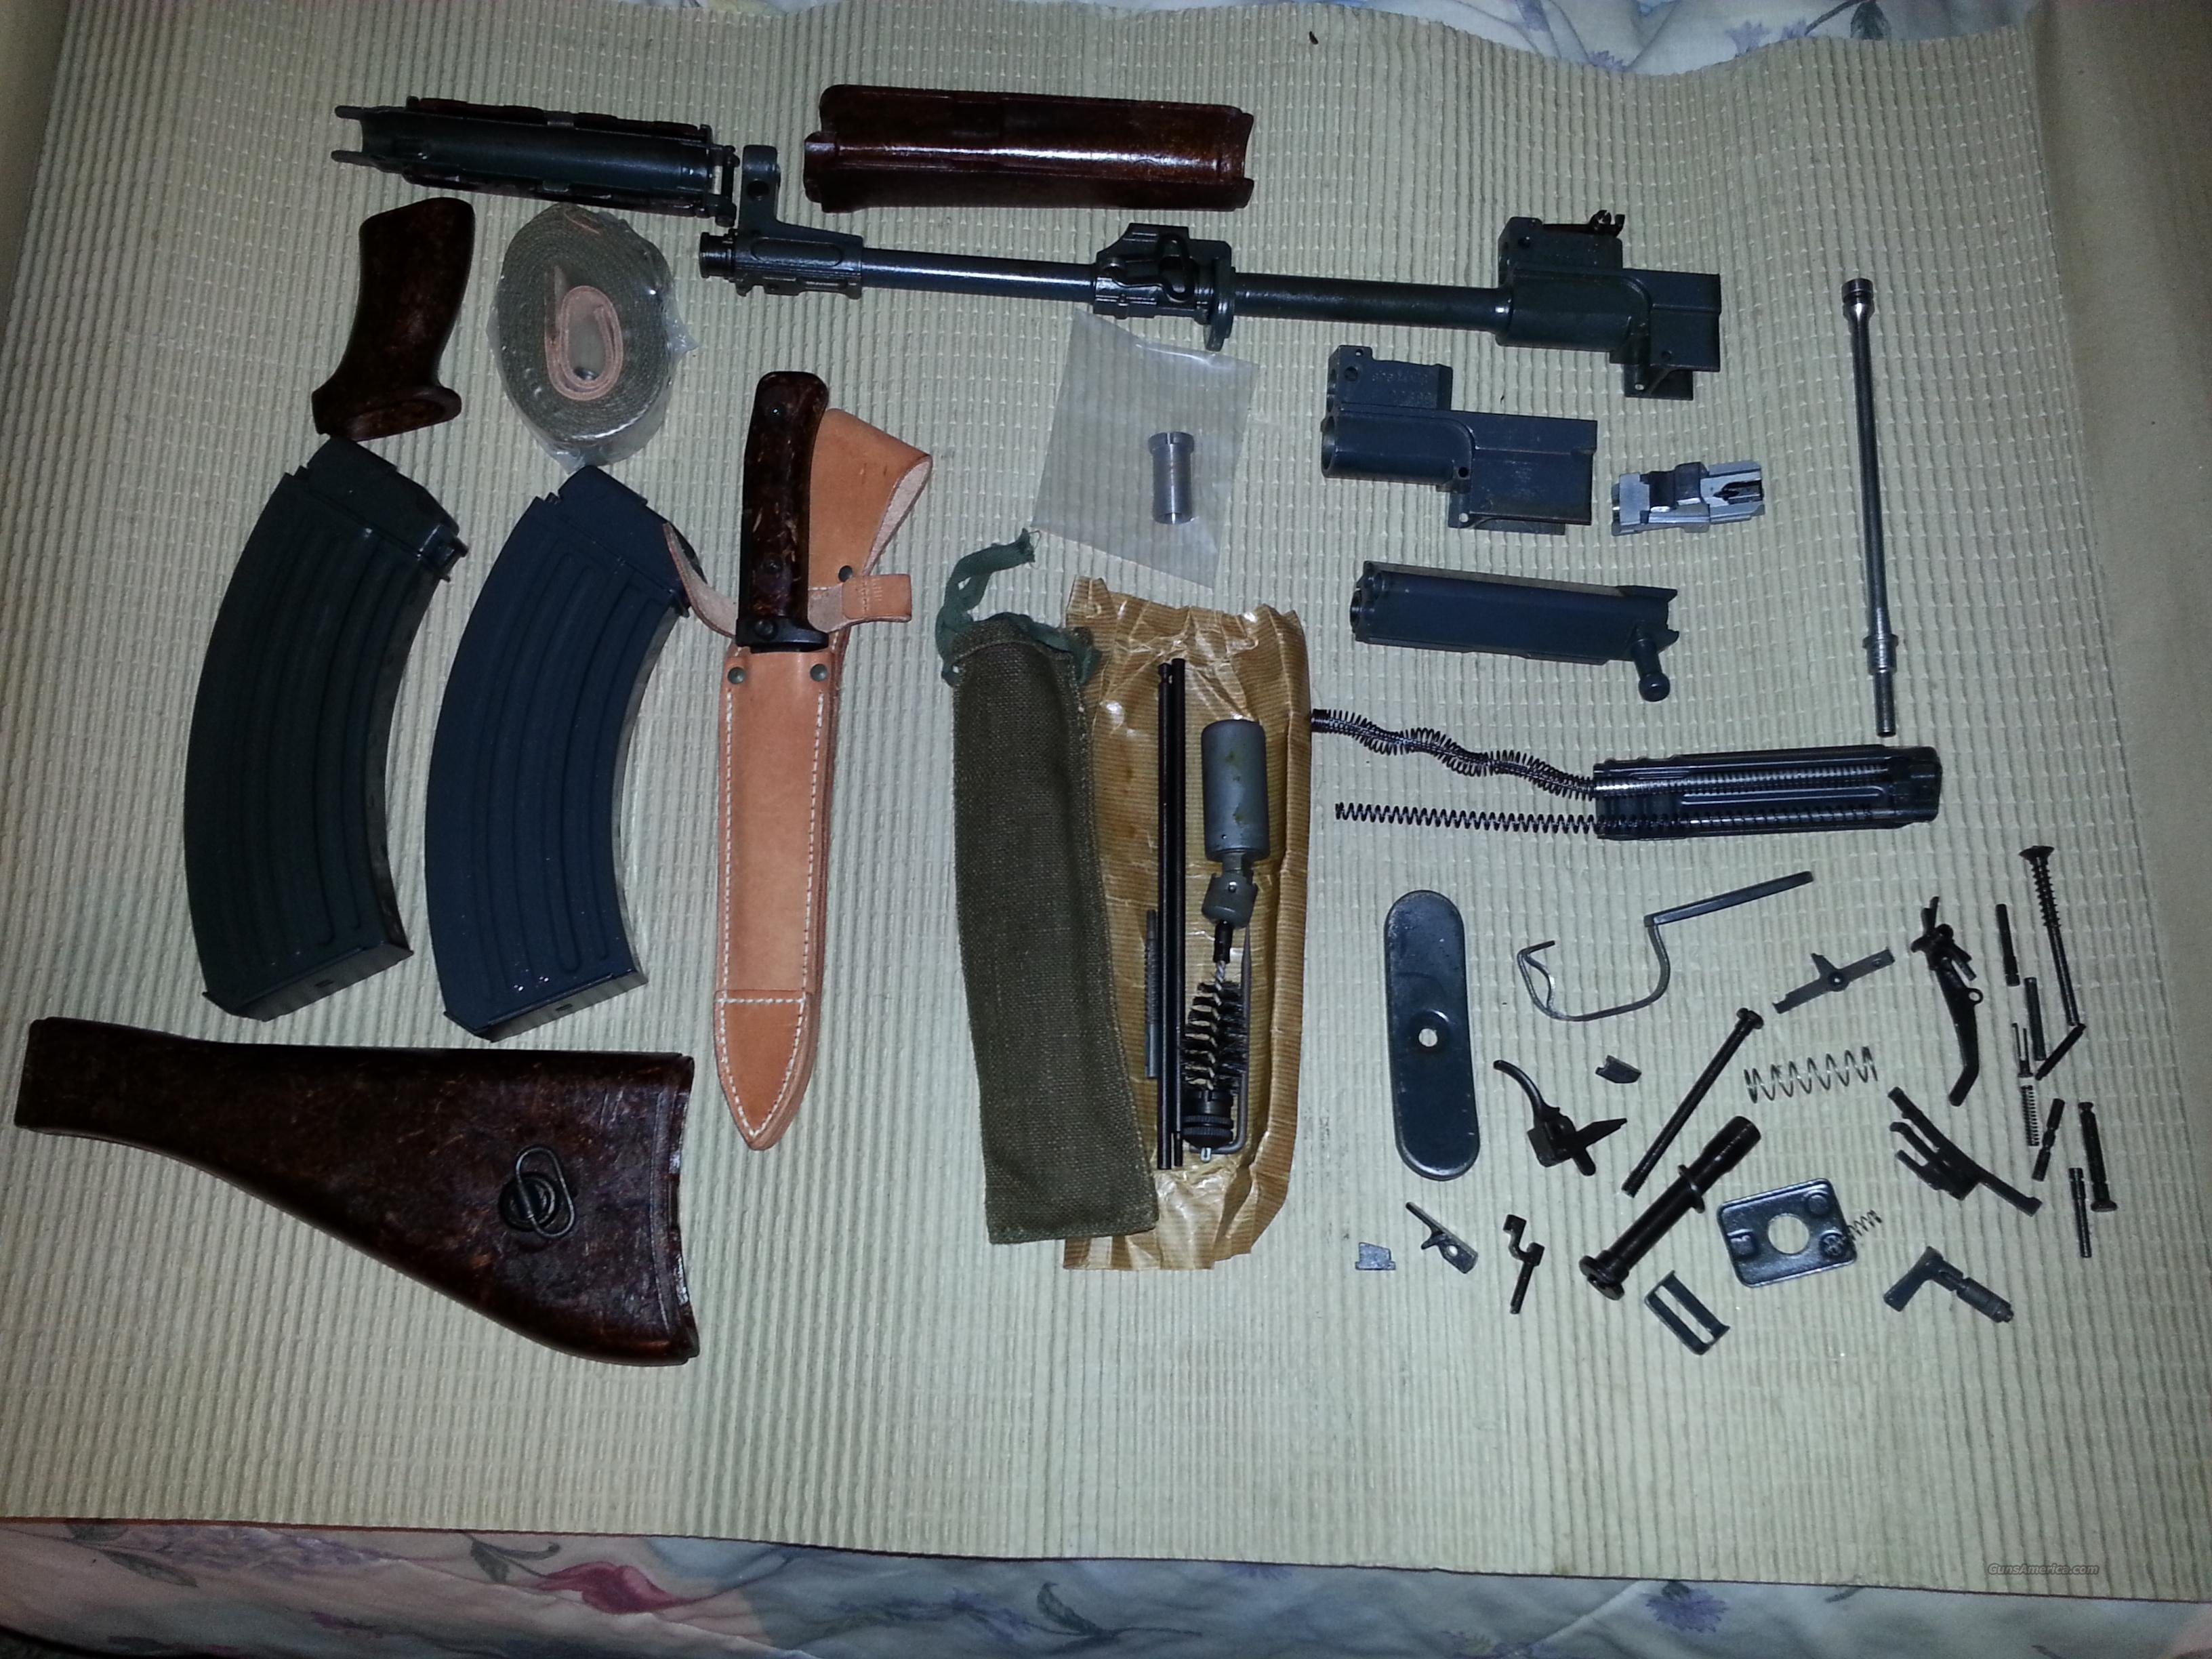 Pre Ban VZ - 58 Parts Kit